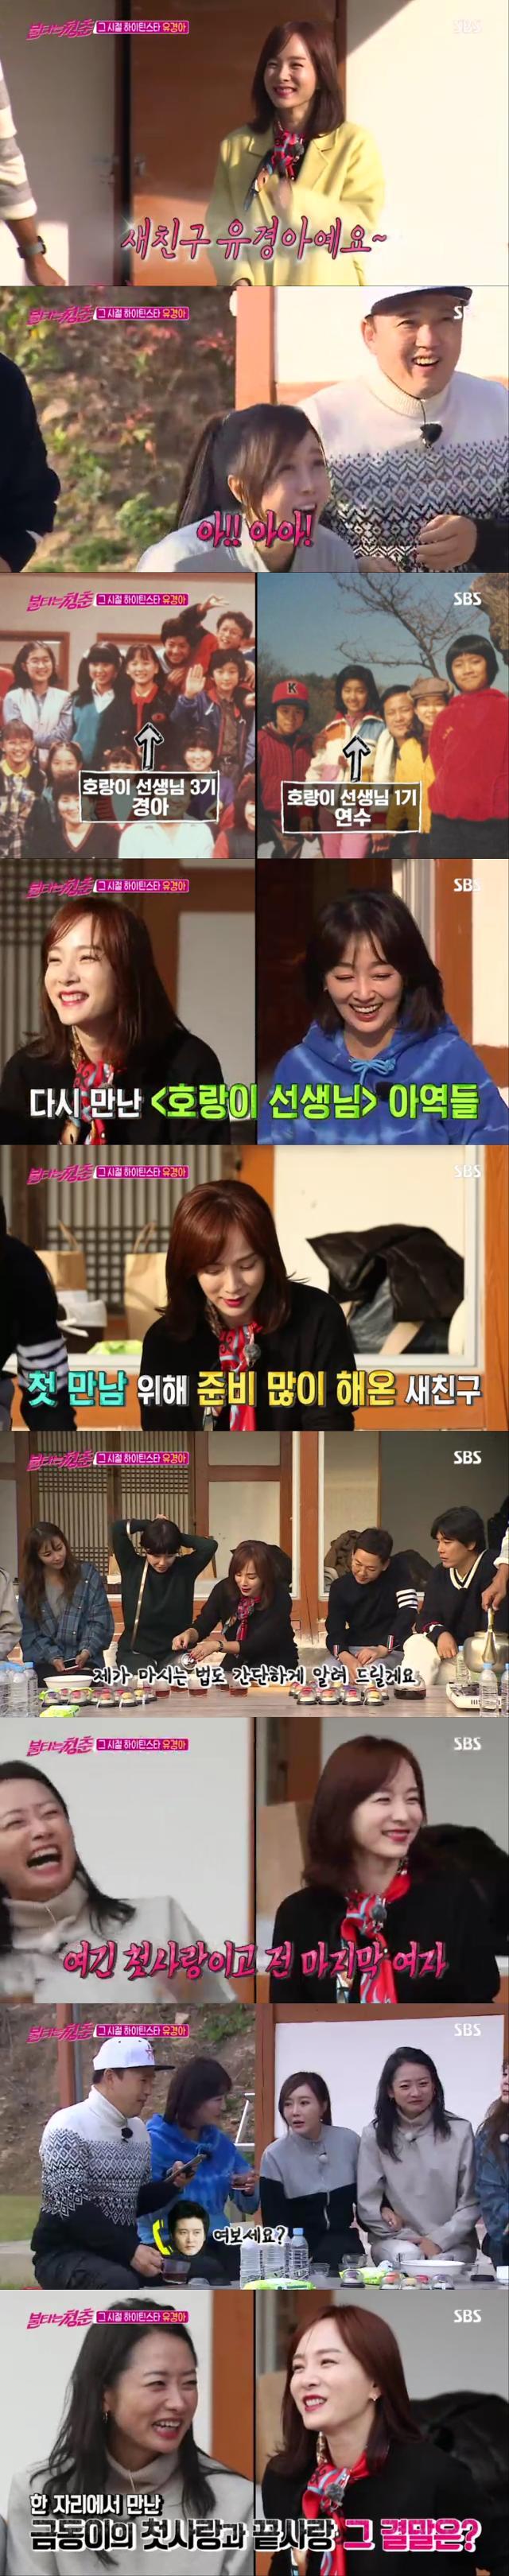 [간밤의 TV] 불타는 청춘, '호랑이 선생님' 유경아, '불청' 새 친구 합류…7.3% 최고의 1분